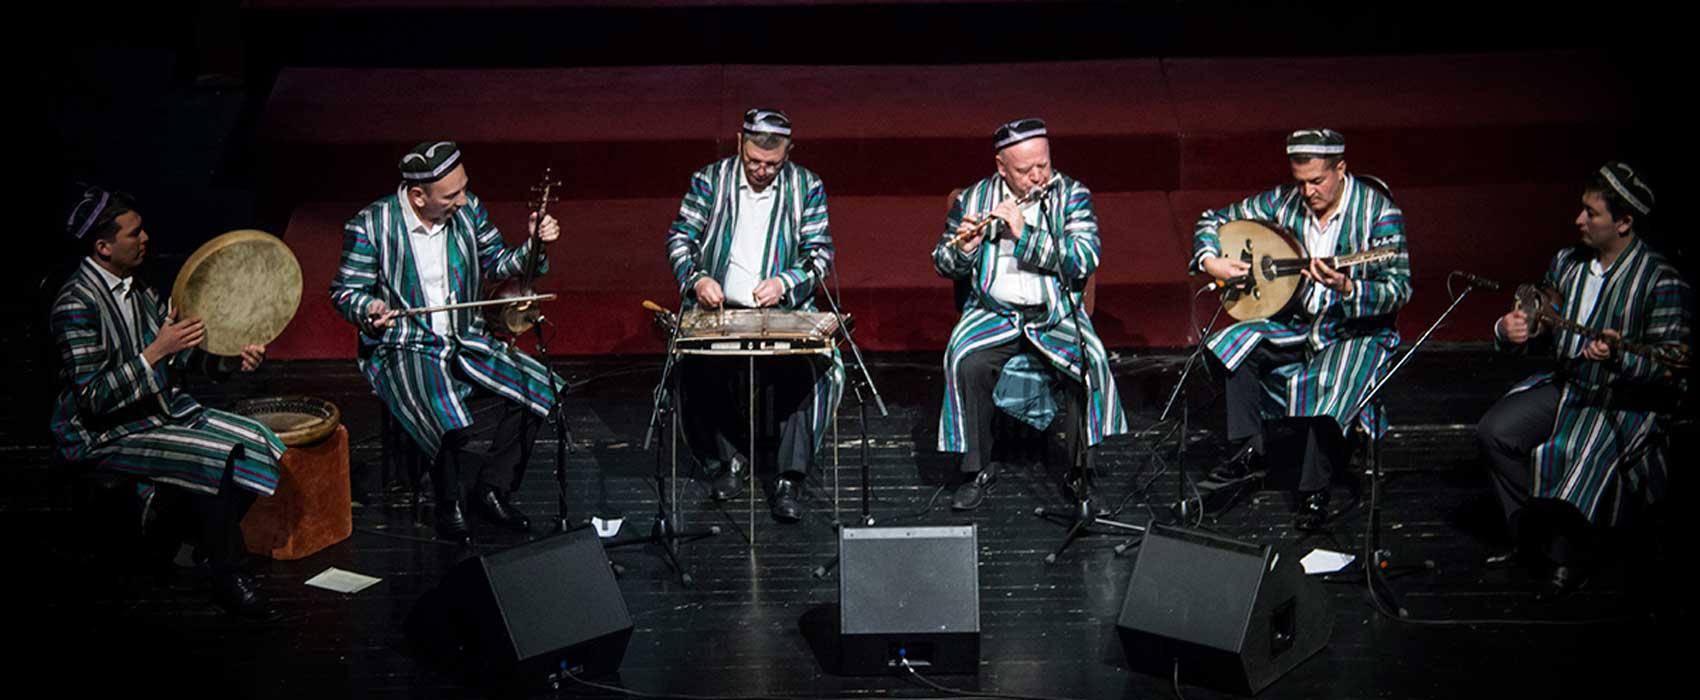 ایرانیها جذب موسیقی ازبکستان شدند